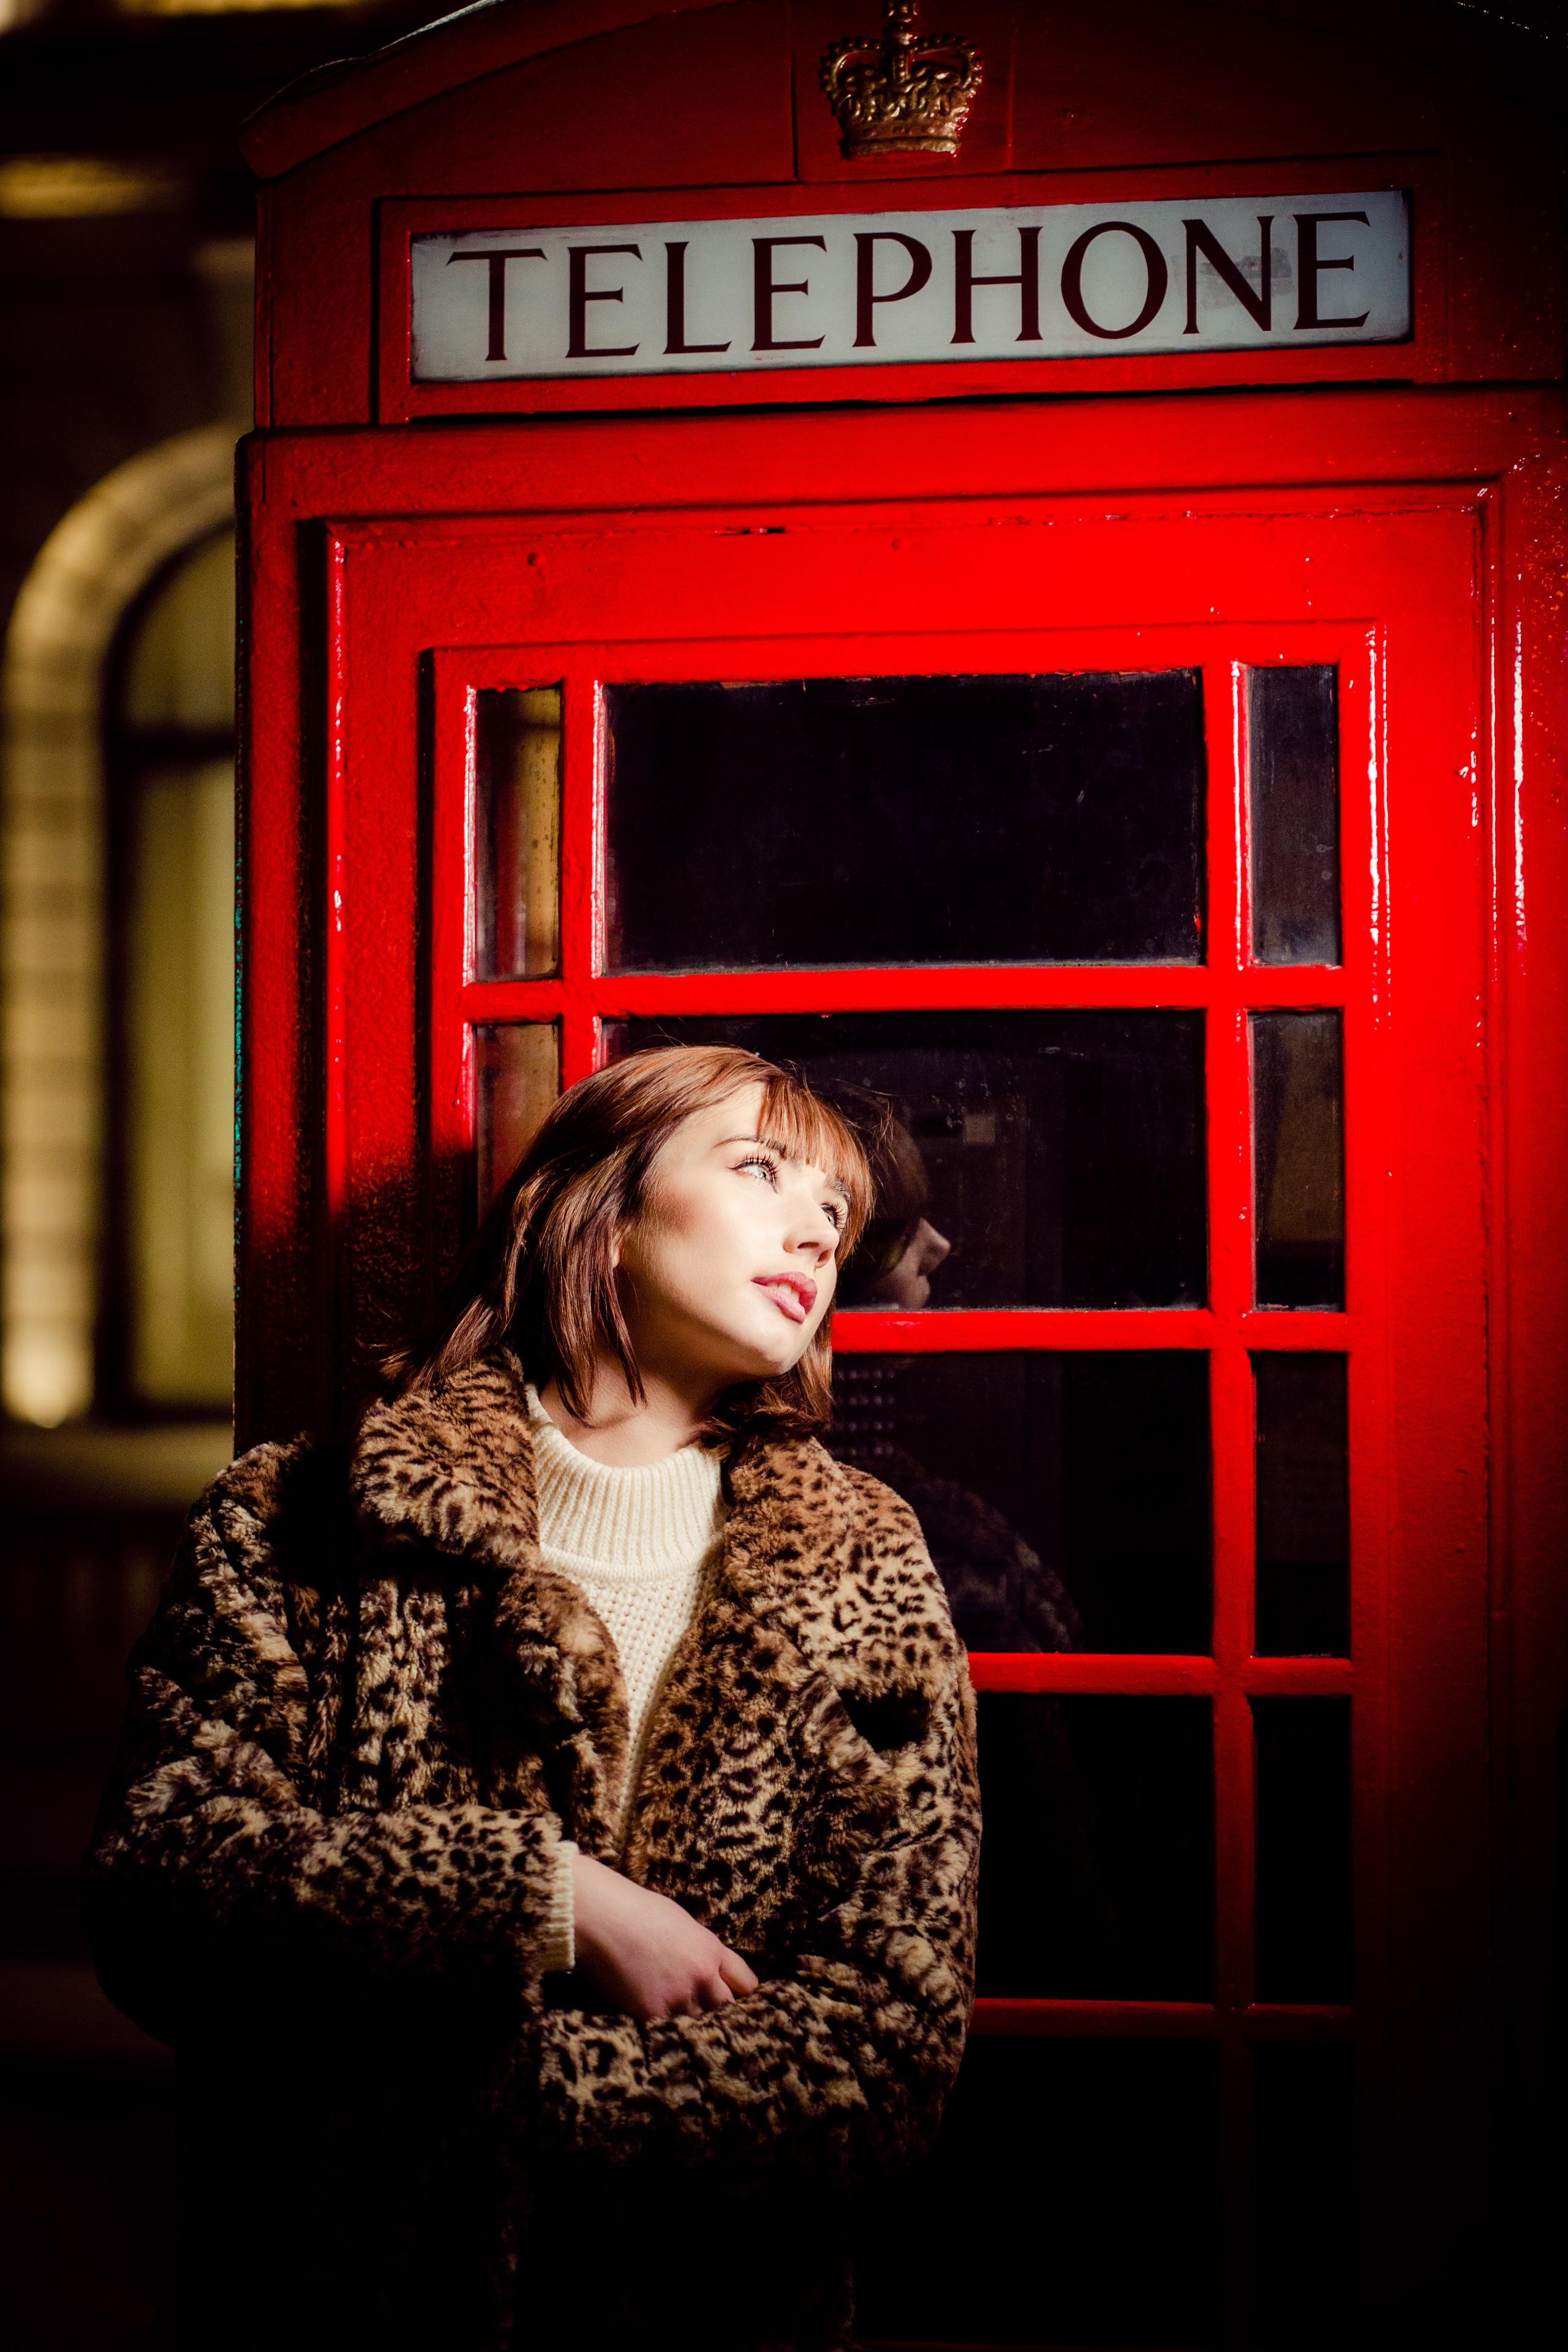 Kat Ciemiega Photography, photographer London, portrait photography, portrait.